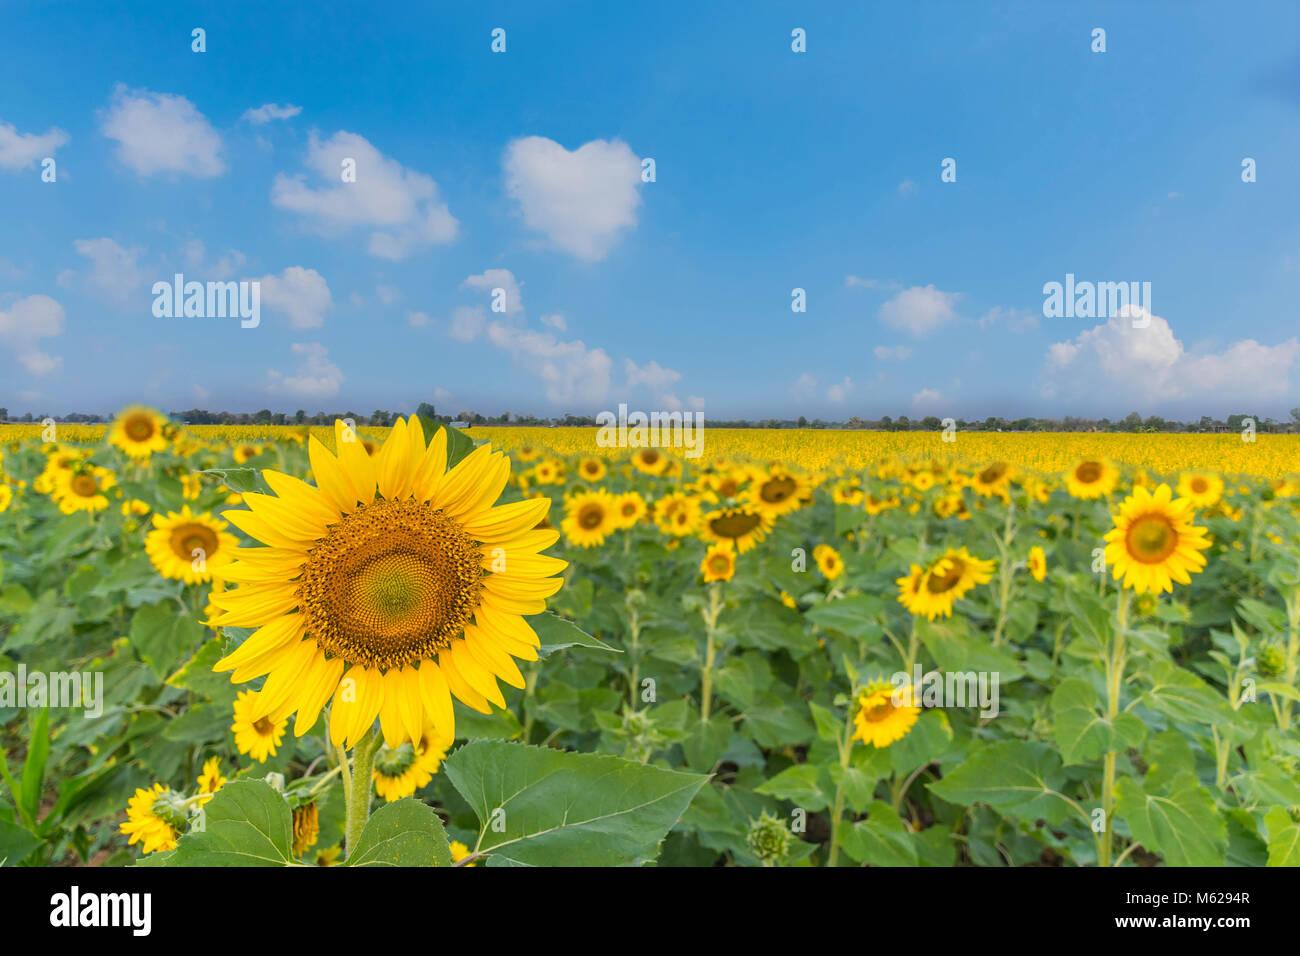 Die schöne Sonnenblumen Feld Werk mit dem Sunn Hanf, Indischer Hanf Hanf, Chanvre, Madras, Indien, CROTALARIA Stockbild